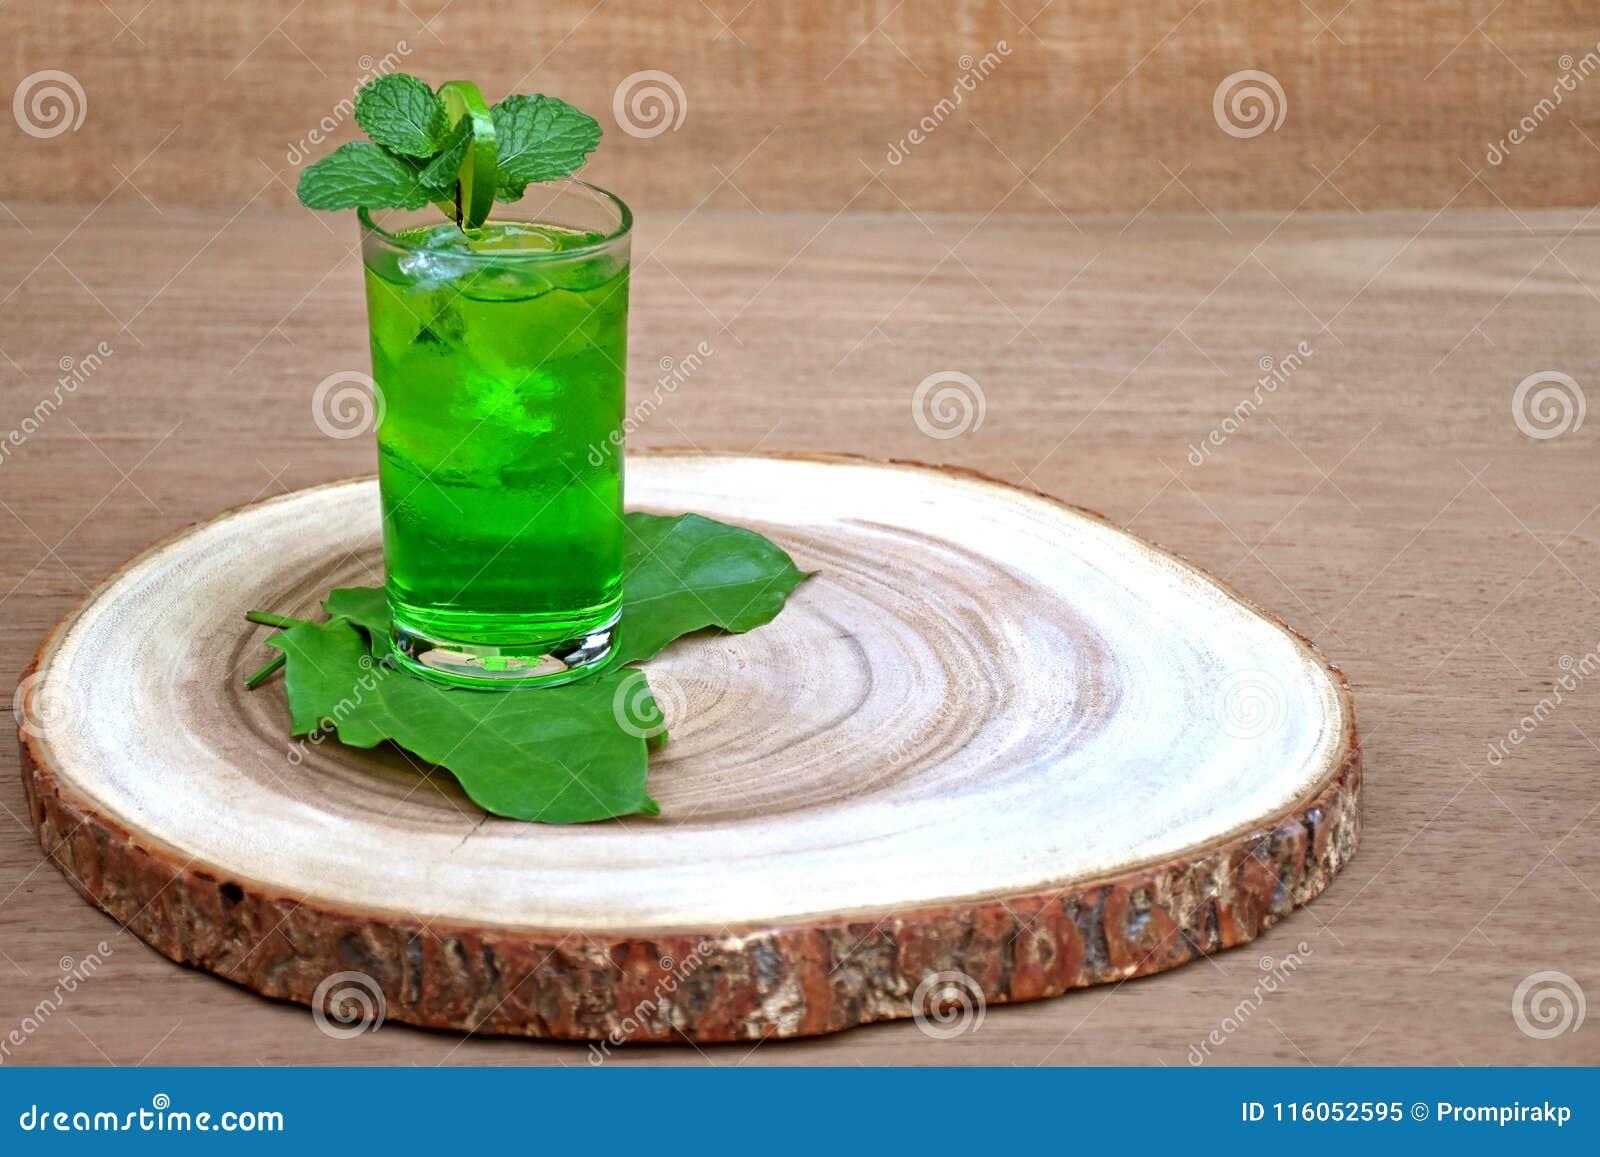 Koud en verfrissend kalk en munt groen water in een glas op hout